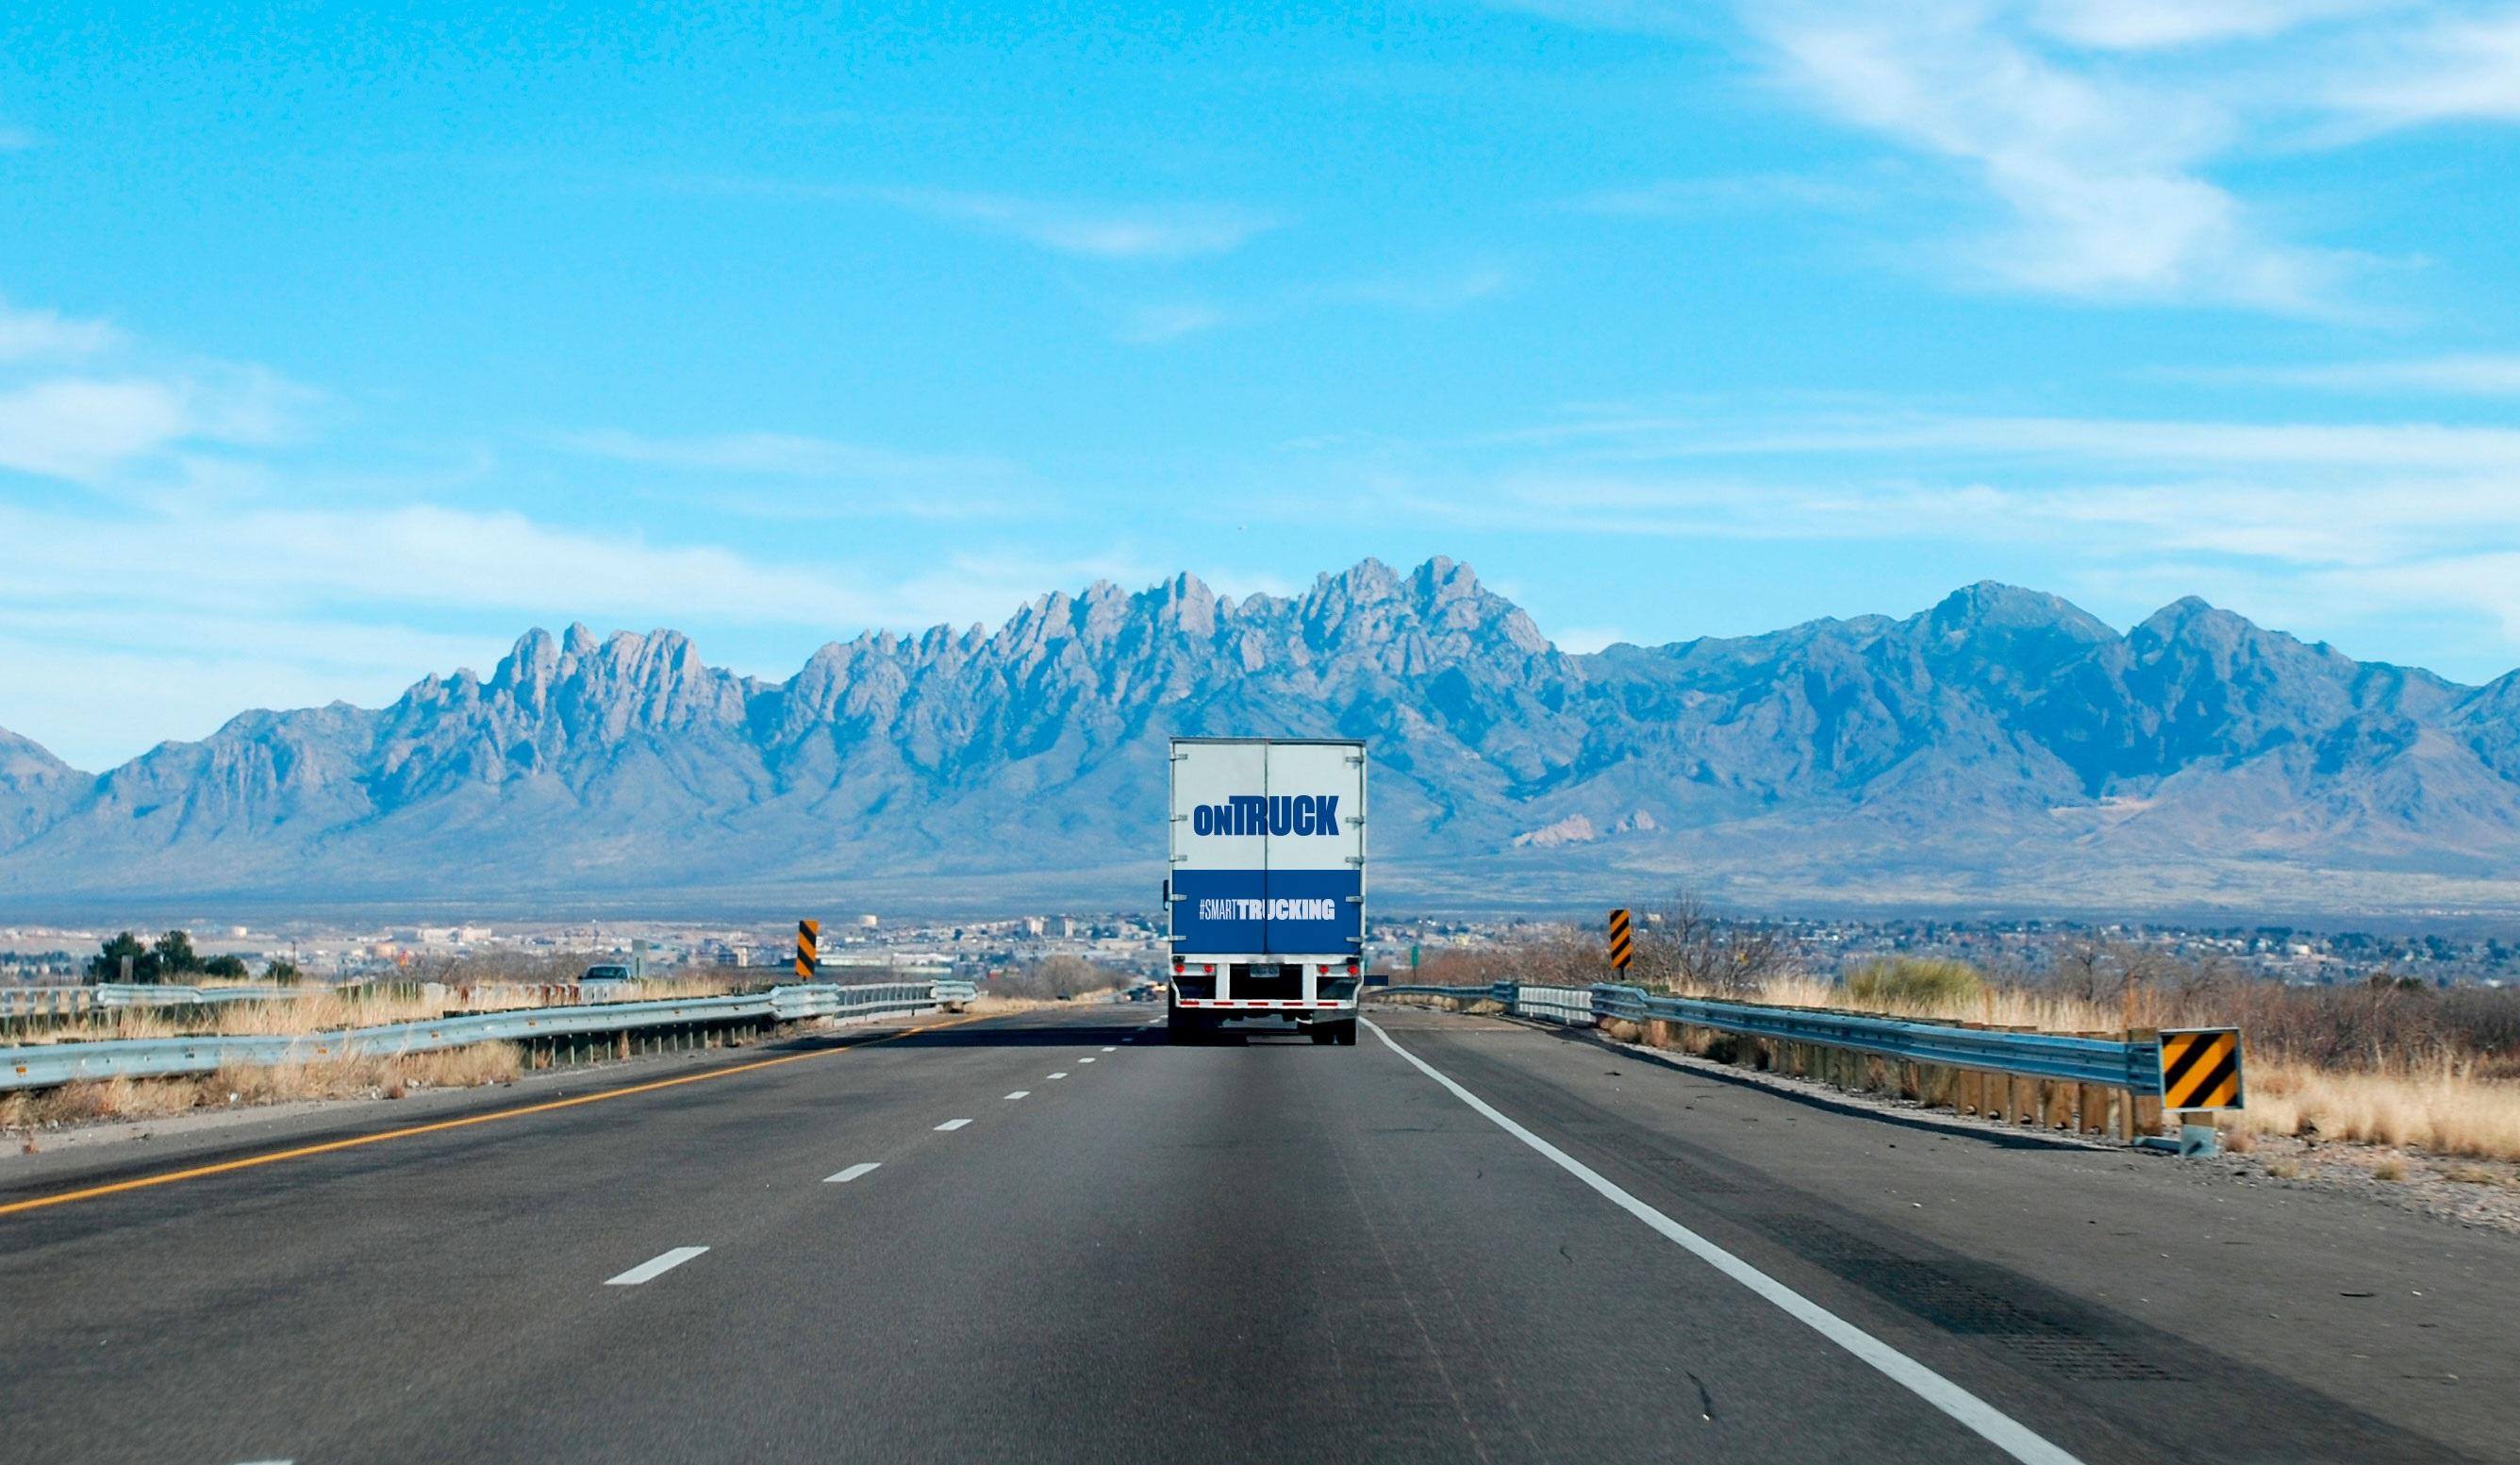 Ontruck adquiere Briver y se convierte en la plataforma online de transporte líder en Cataluña